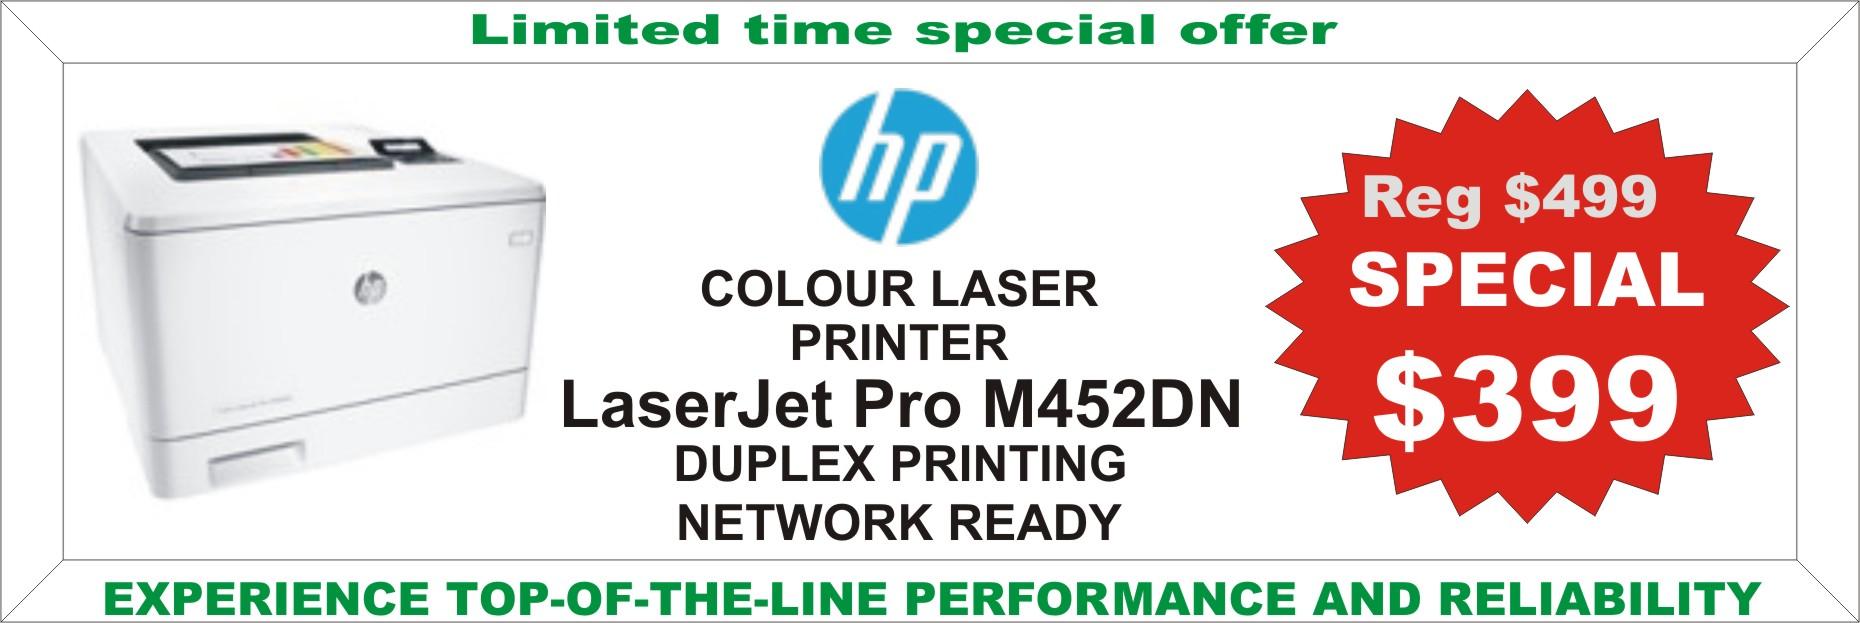 HP LaserJet Pro M450DN Promo